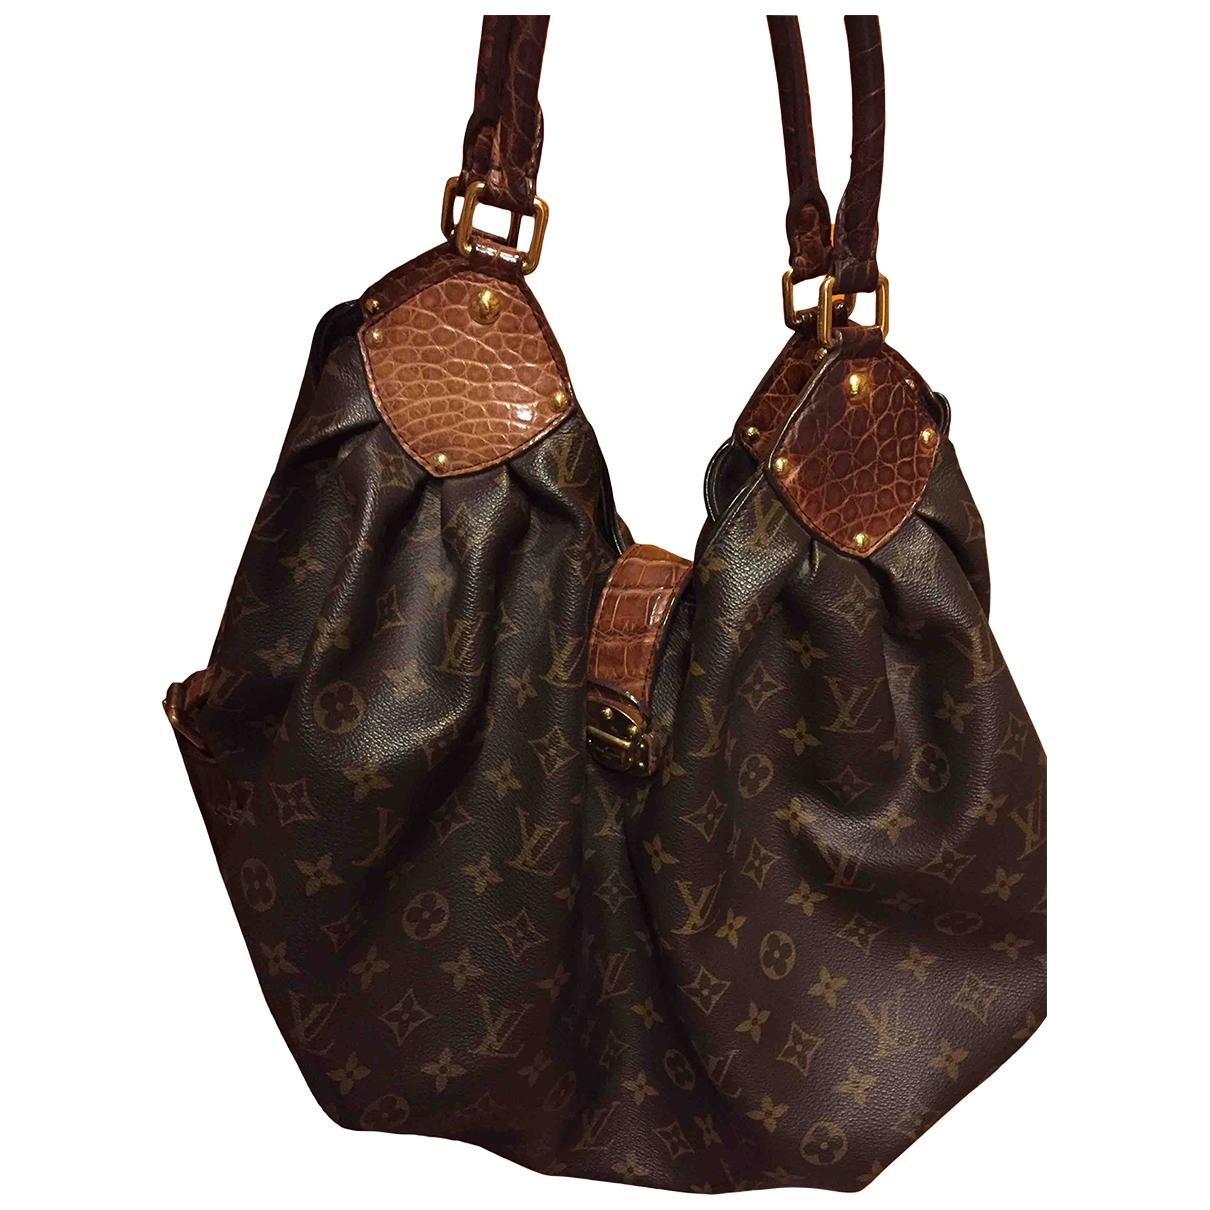 Louis Vuitton - Sac de voyage Mahina pour femme en cuir - marron